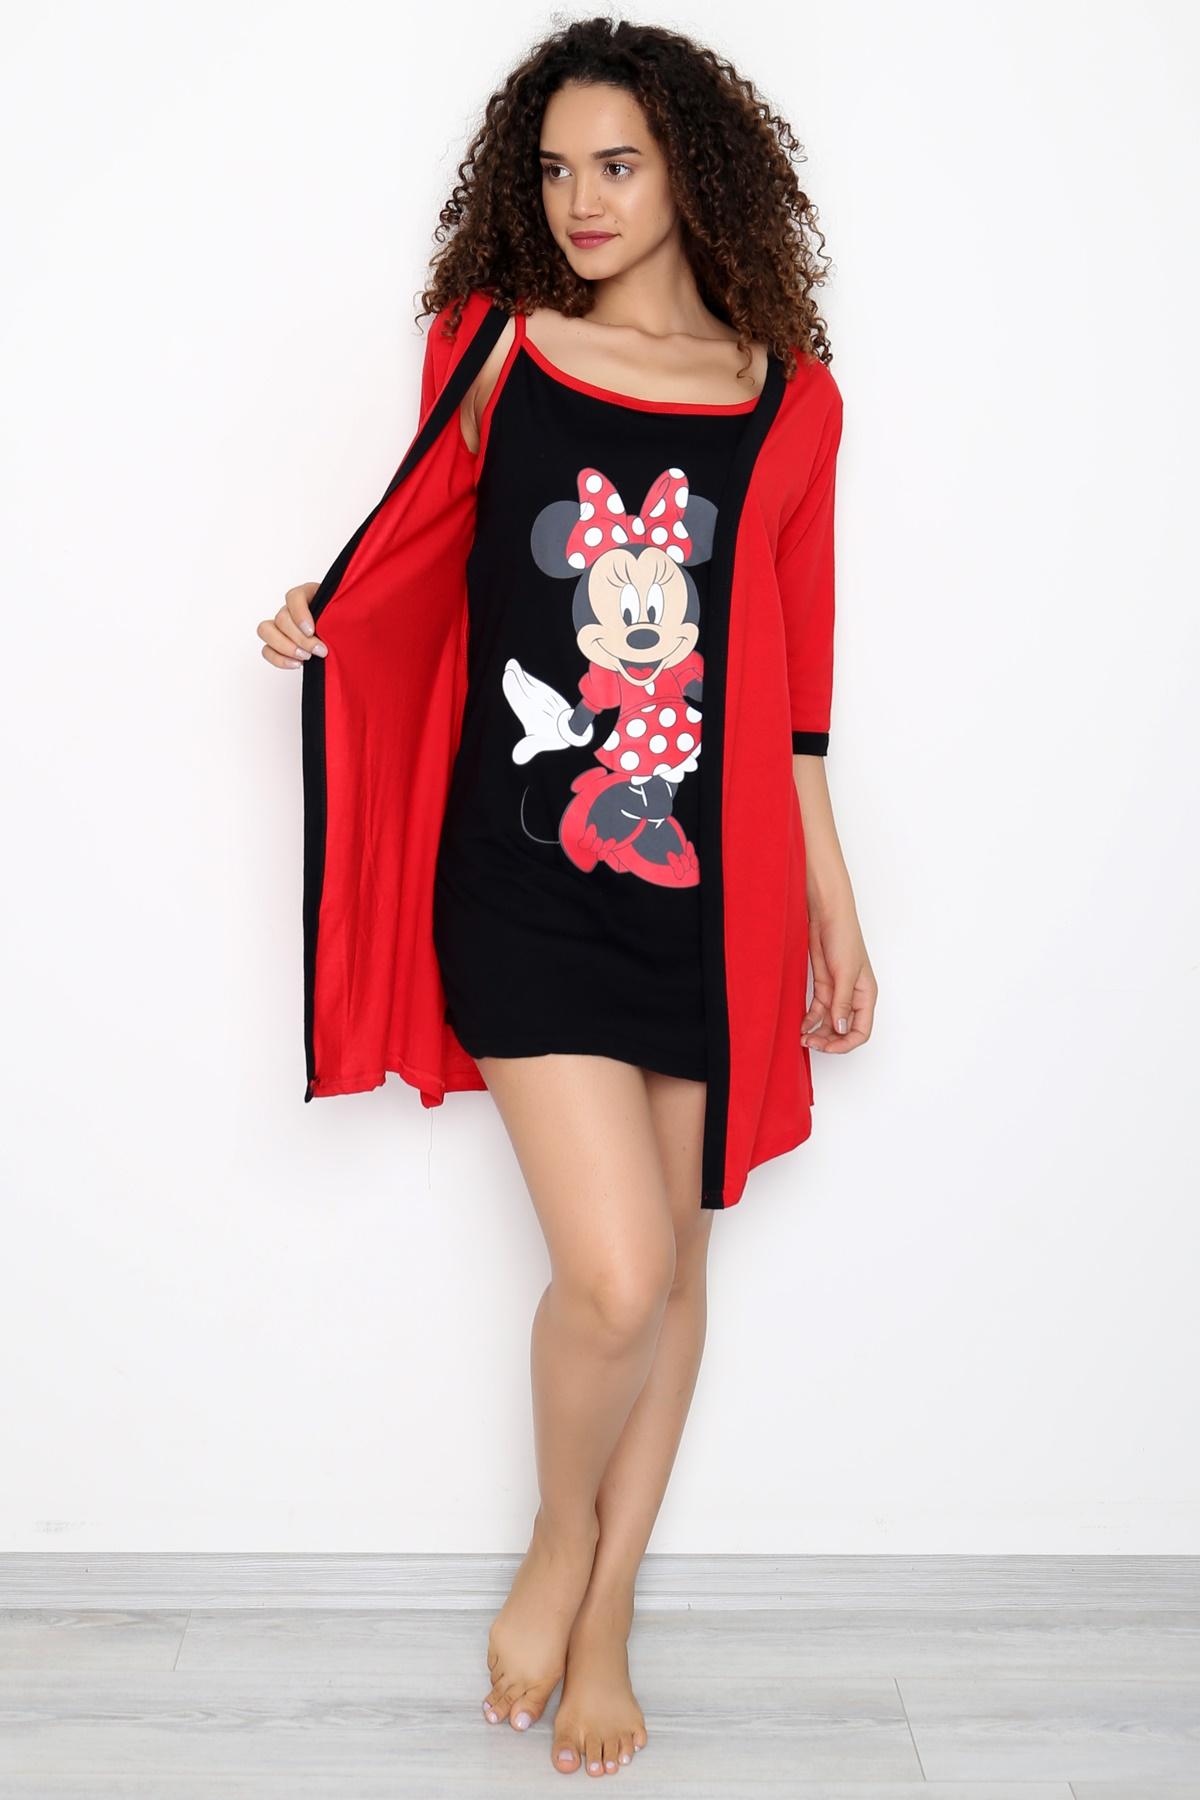 فستان النوم القطني الاحمر ميكي ماوس صنع في تركيا